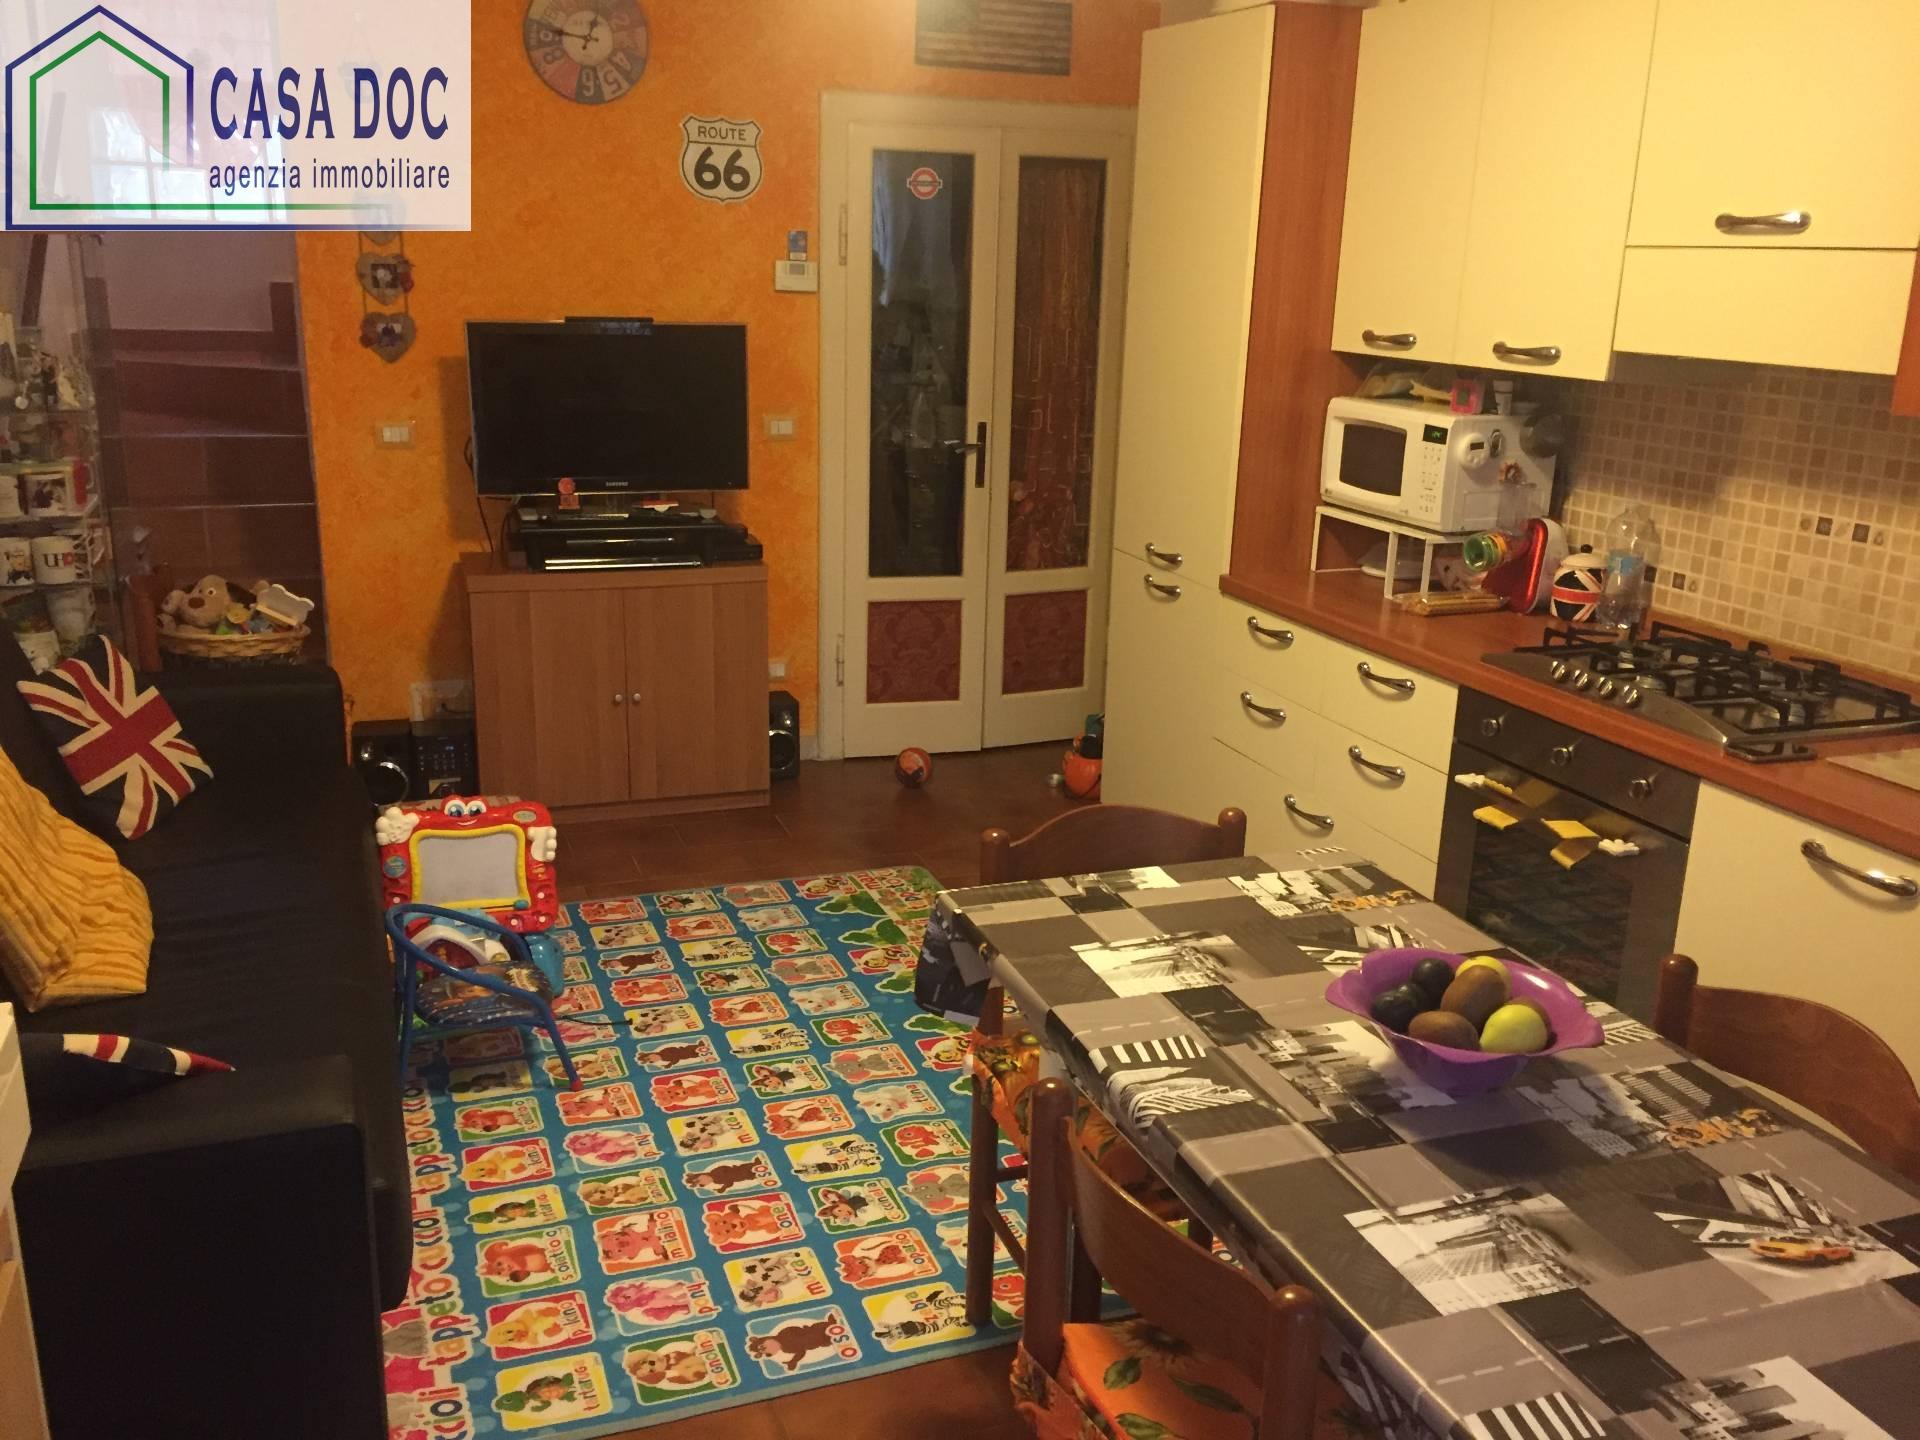 Appartamento in vendita a Marzano, 2 locali, prezzo € 43.000 | CambioCasa.it